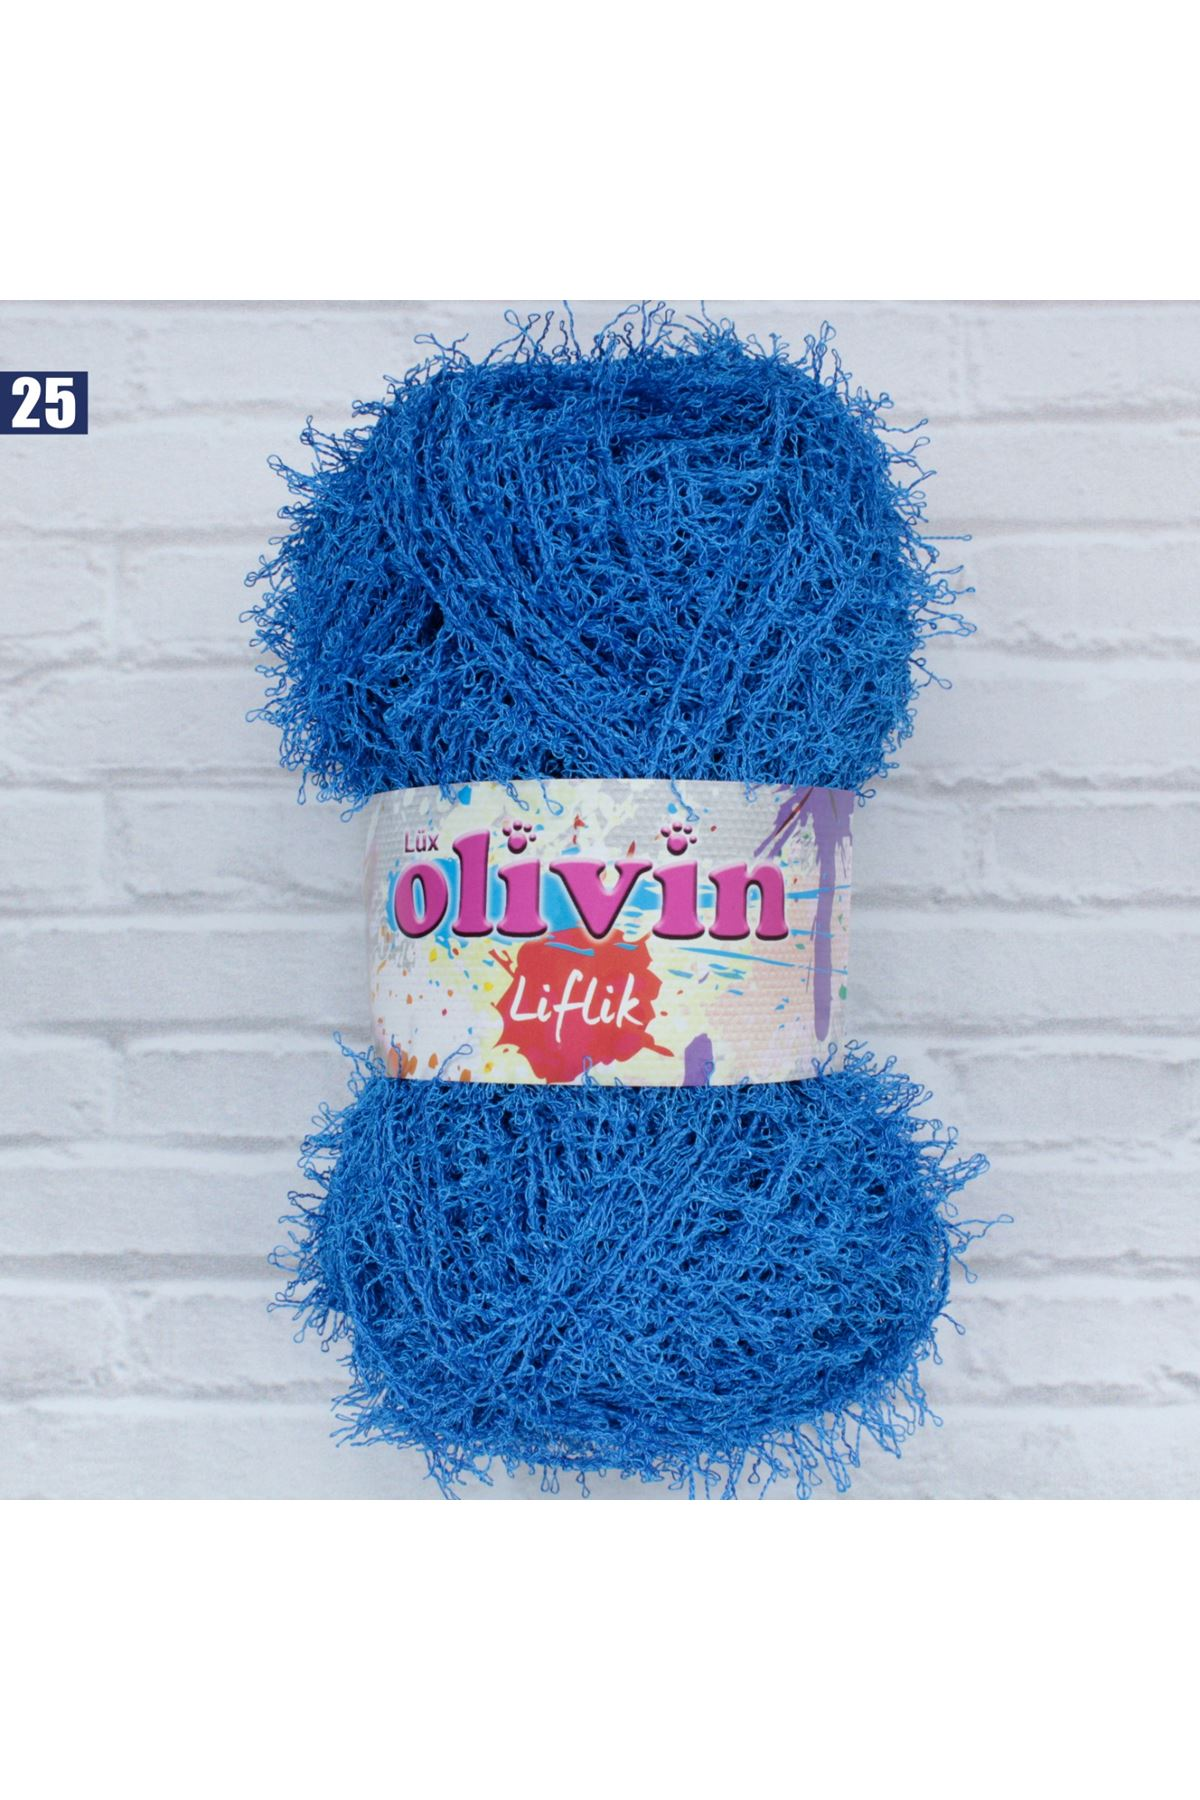 Olivin Liflik 25